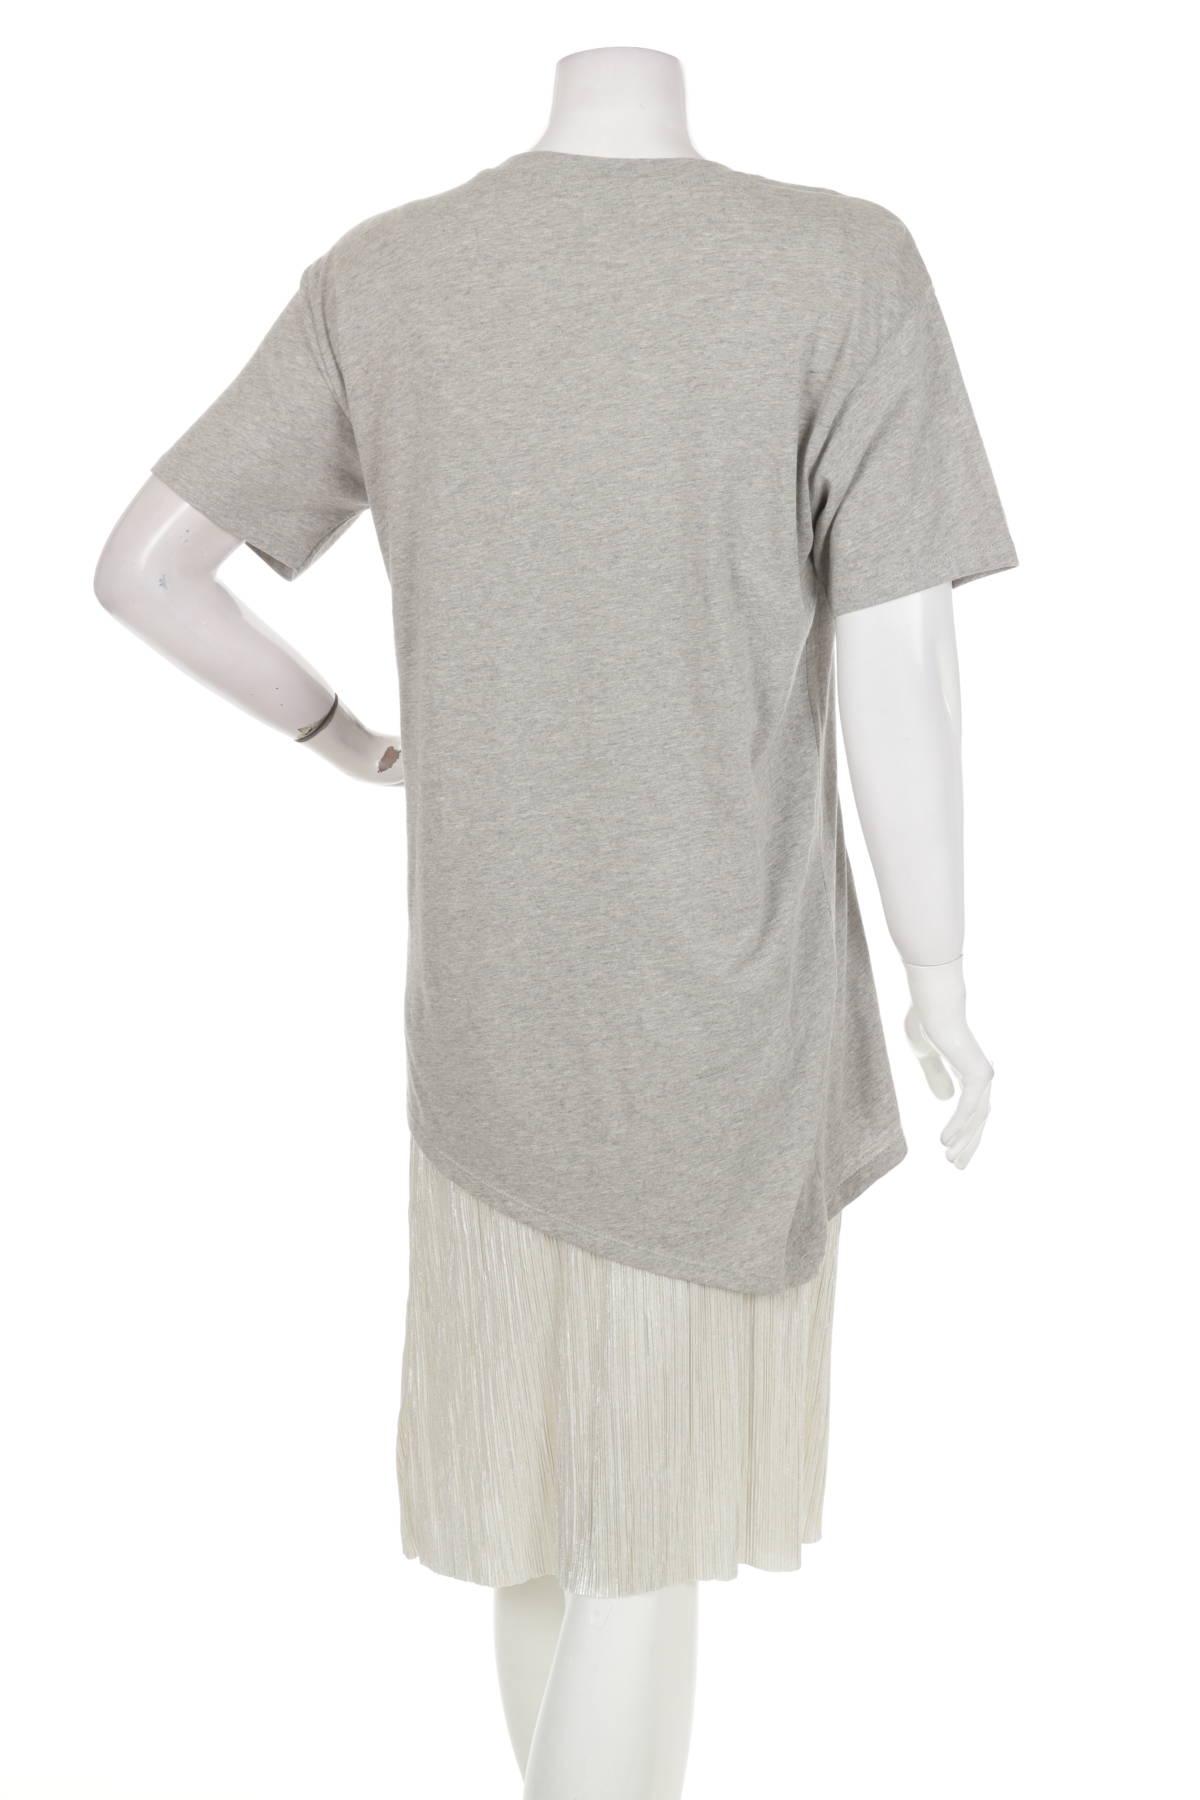 Ежедневна рокля ZARA2